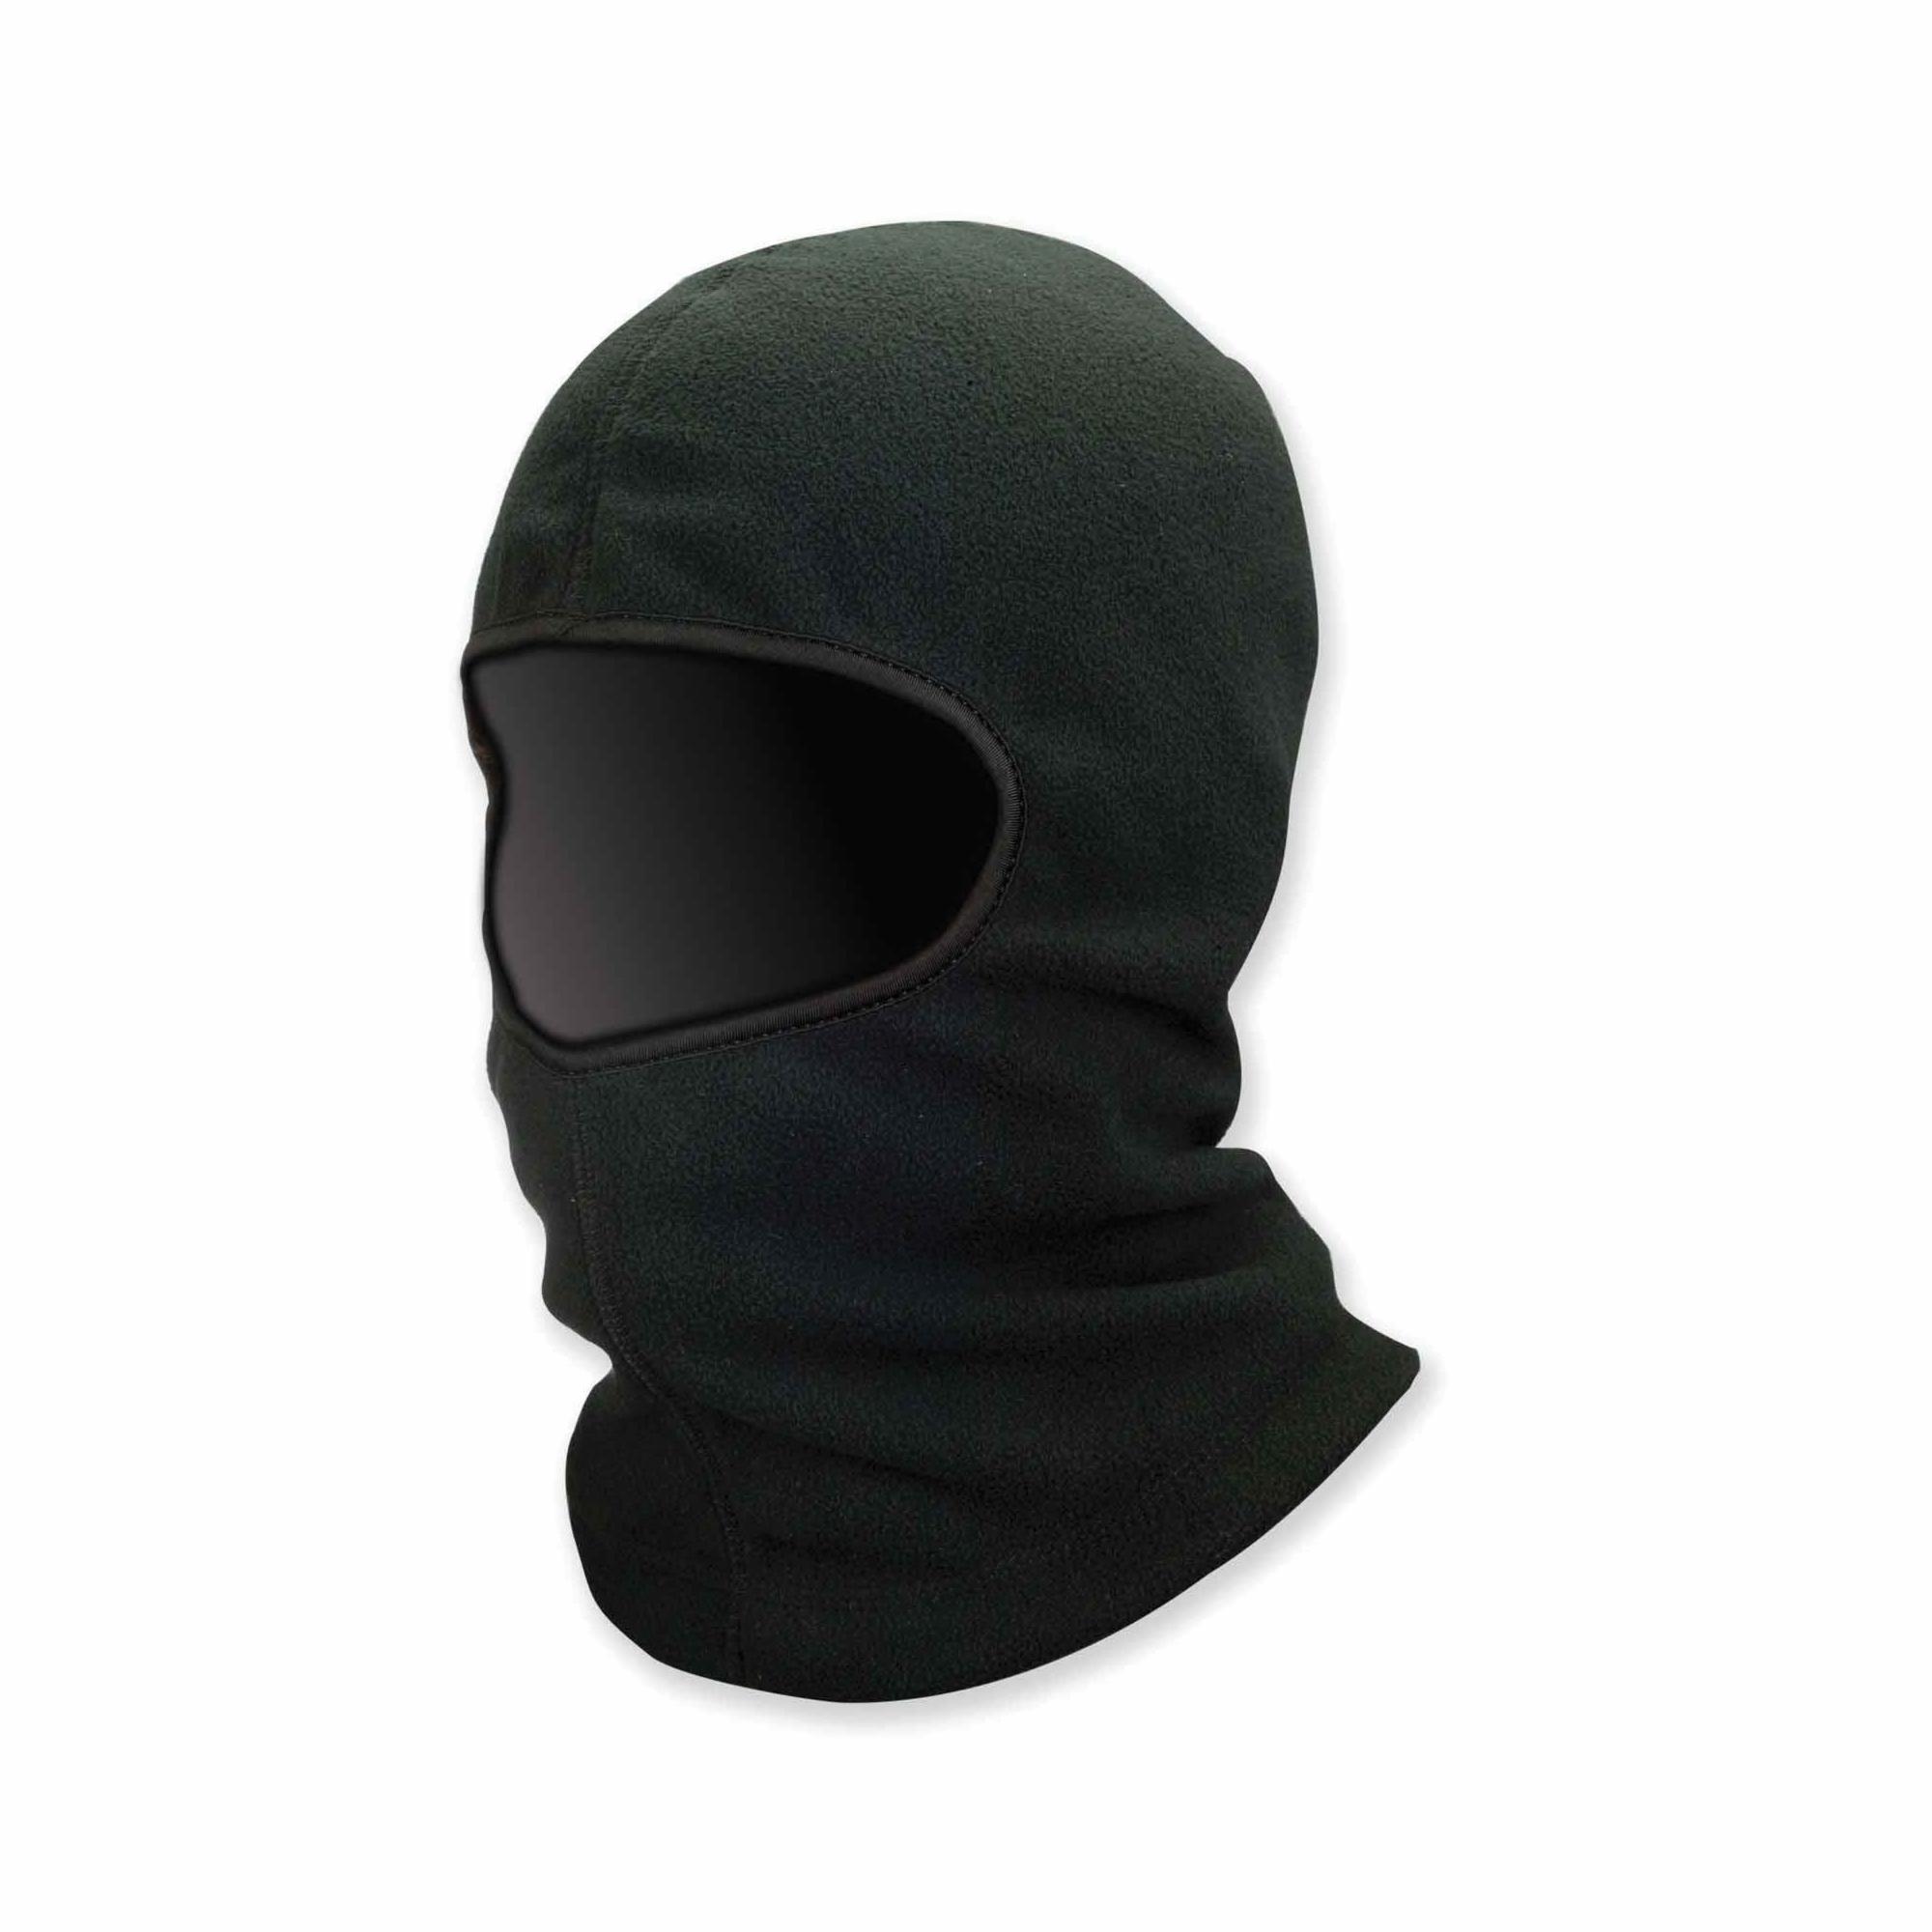 Flame-Resistant Hats & Headwear